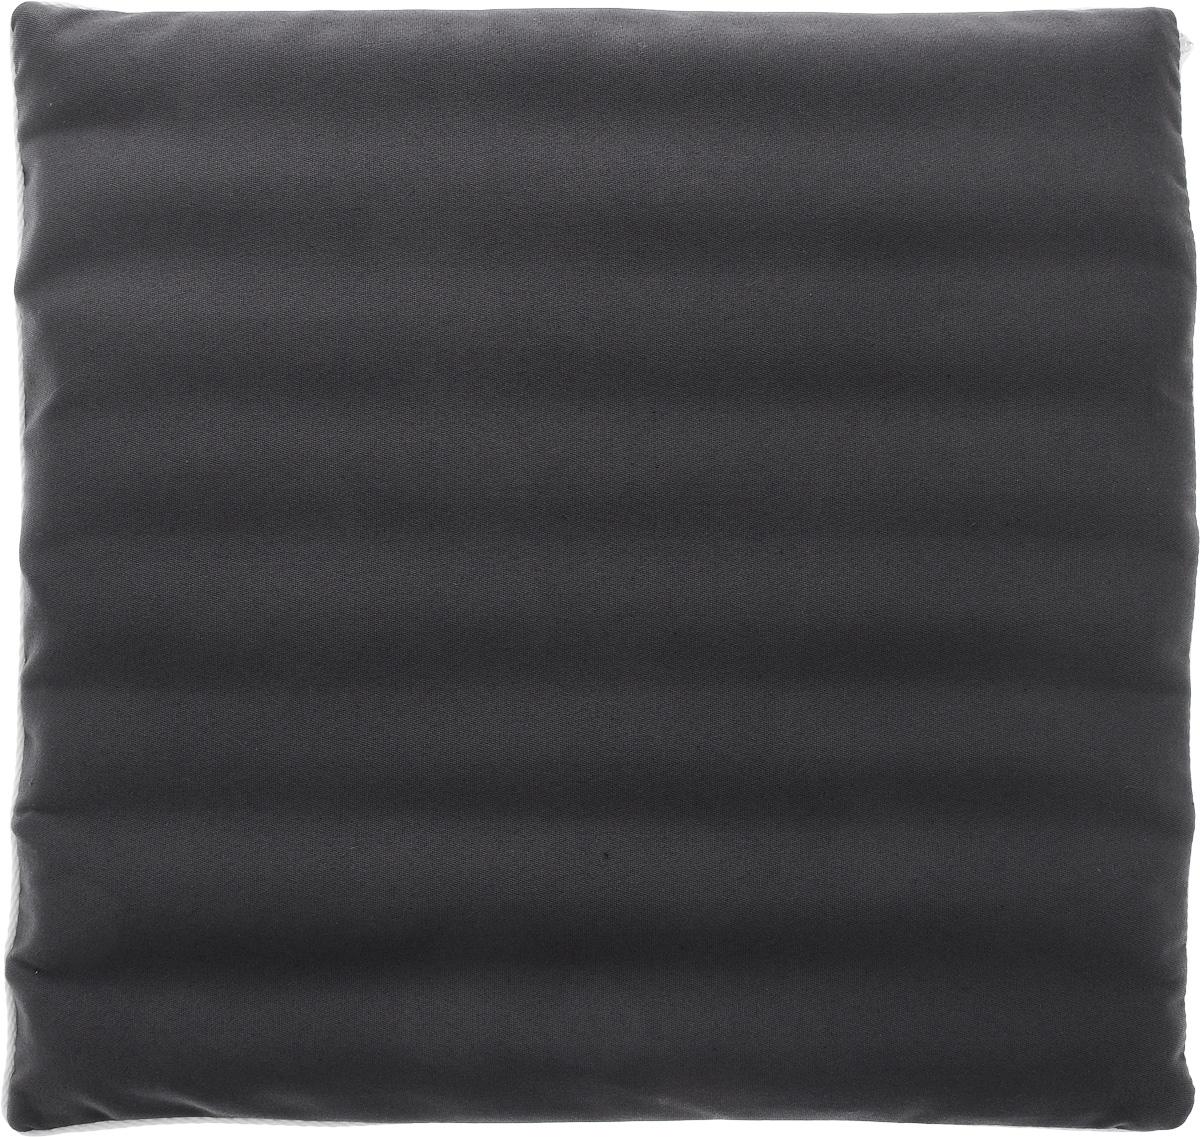 Подушка на сиденье Smart Textile Гемо-комфорт офис, с чехлом, наполнитель: лузга гречихи, 40 х 40 смVT-1520(SR)Подушка на сиденье Smart Textile Гемо-комфорт офис создана для тех, кто весь свой рабочий день вынужден проводить в офисном кресле. Наполнителем служат лепестки лузги гречихи, которые обеспечивают микромассаж кожи и поверхностных мышц, а также обеспечивают удобную посадку и снимают напряжение.Особенности подушки:- Хорошо проветривается.- Предупреждает потение.- Поддерживает комфортную температуру.- Обминается по форме тела.- Улучшает кровообращение.- Исключает затечные явления.- Предупреждает развитие заболеваний, связанных с сидячим образом жизни. Конструкция подушки, составленная из ряда валиков, обеспечивает еще больший массажный эффект, а плотная износостойкая ткань хорошо удерживает наполнитель, сохраняет форму подушки и продлевает срок службы изделия.Подушка также будет полезна и дома - при работе за компьютером, школьникам - при выполнении домашних работ, да и в любимом кресле перед телевизором.В комплект прилагается сменный чехол, выполненный из смесовой ткани, за счет чего уход за подушкой становится удобнее и проще.